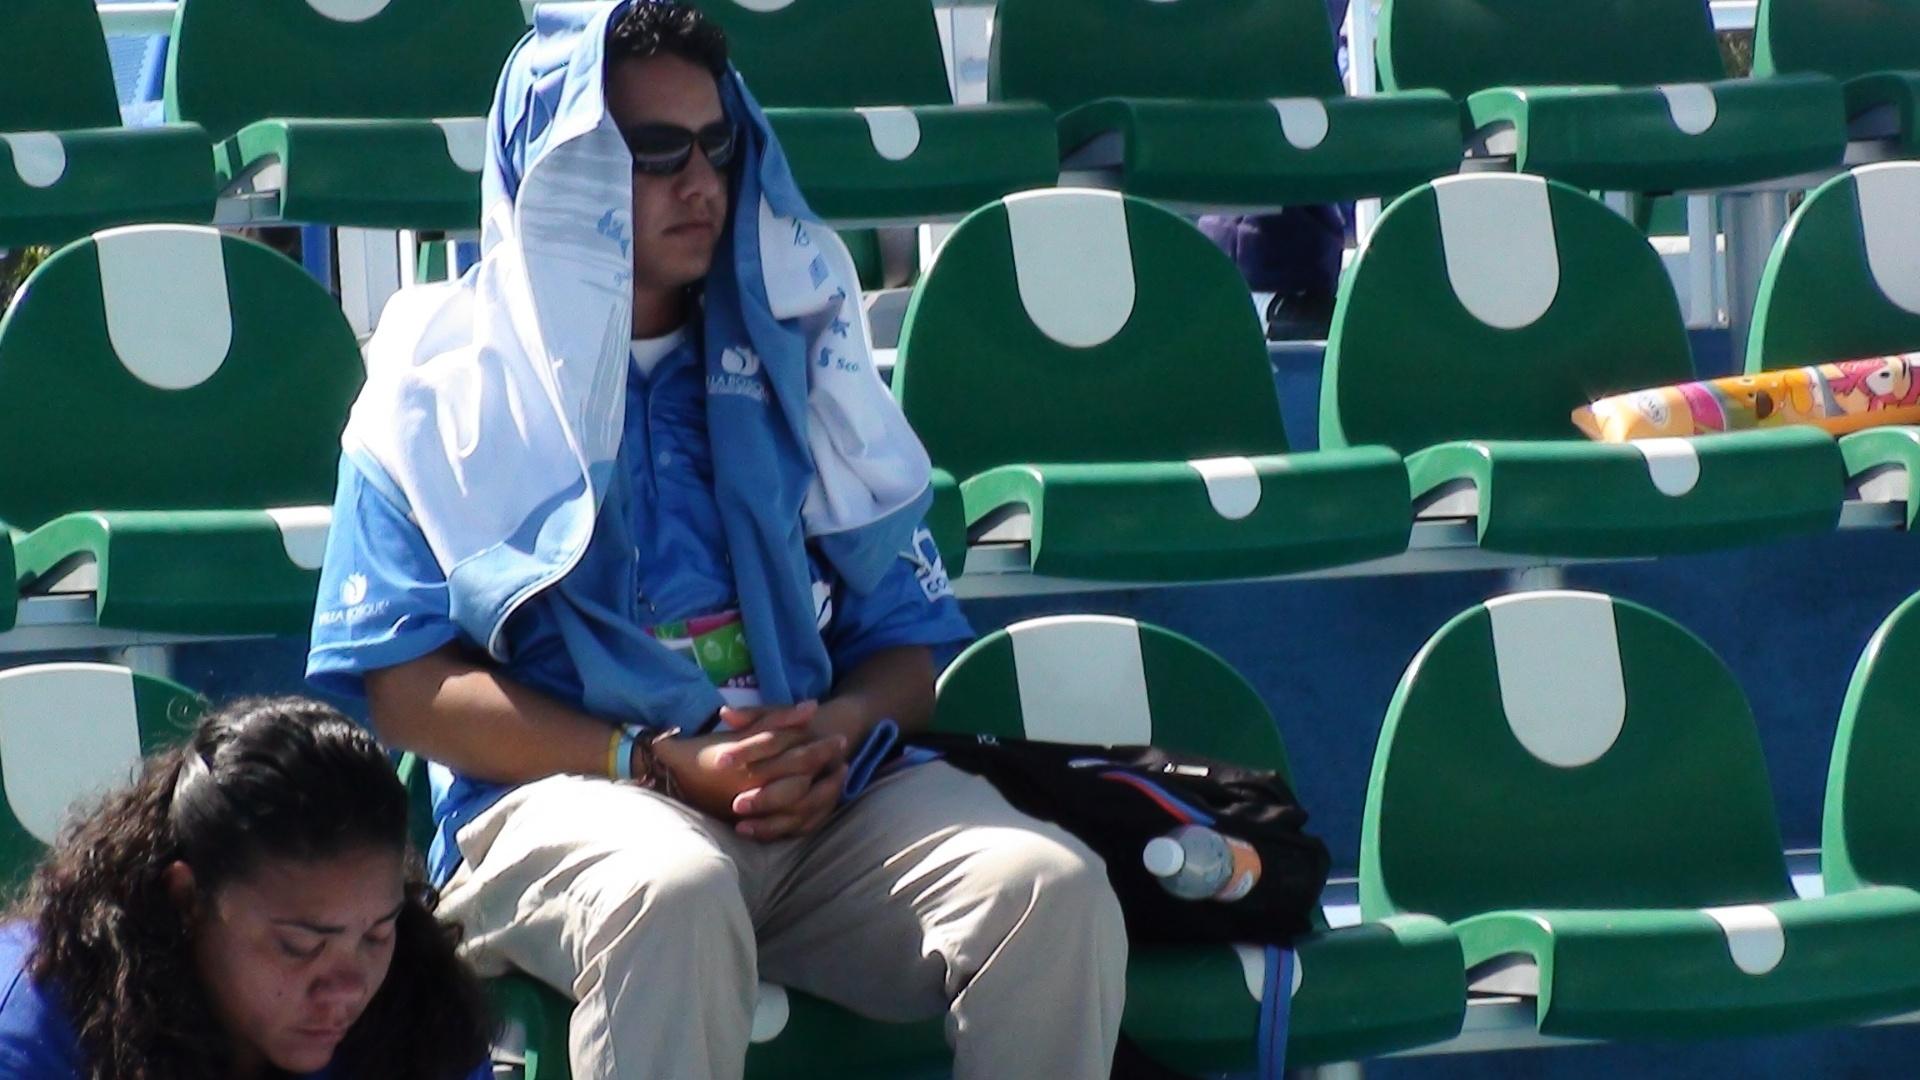 Espectador se protege do calor no complexo de tênis de Guadalajara durante jogo do Pan